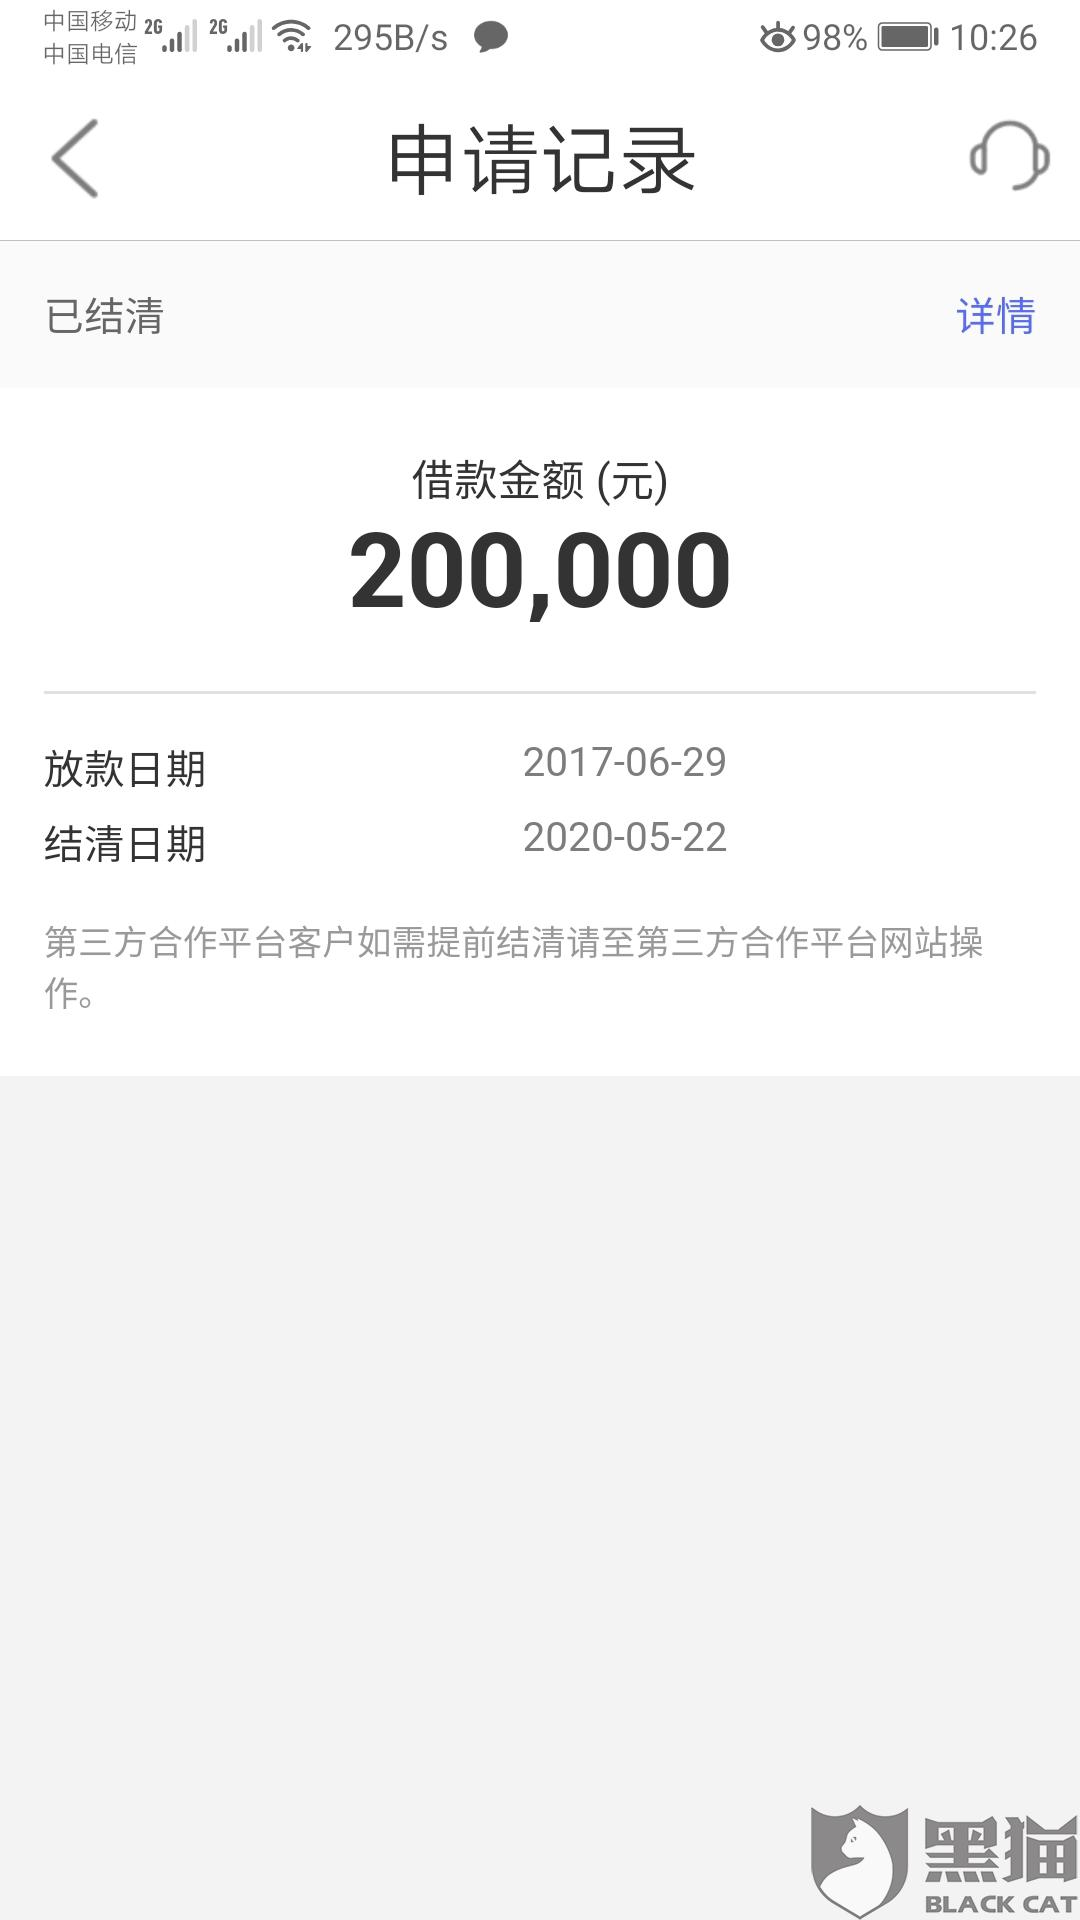 黑猫投诉:平安普惠贷款中产生的服务费,保险费